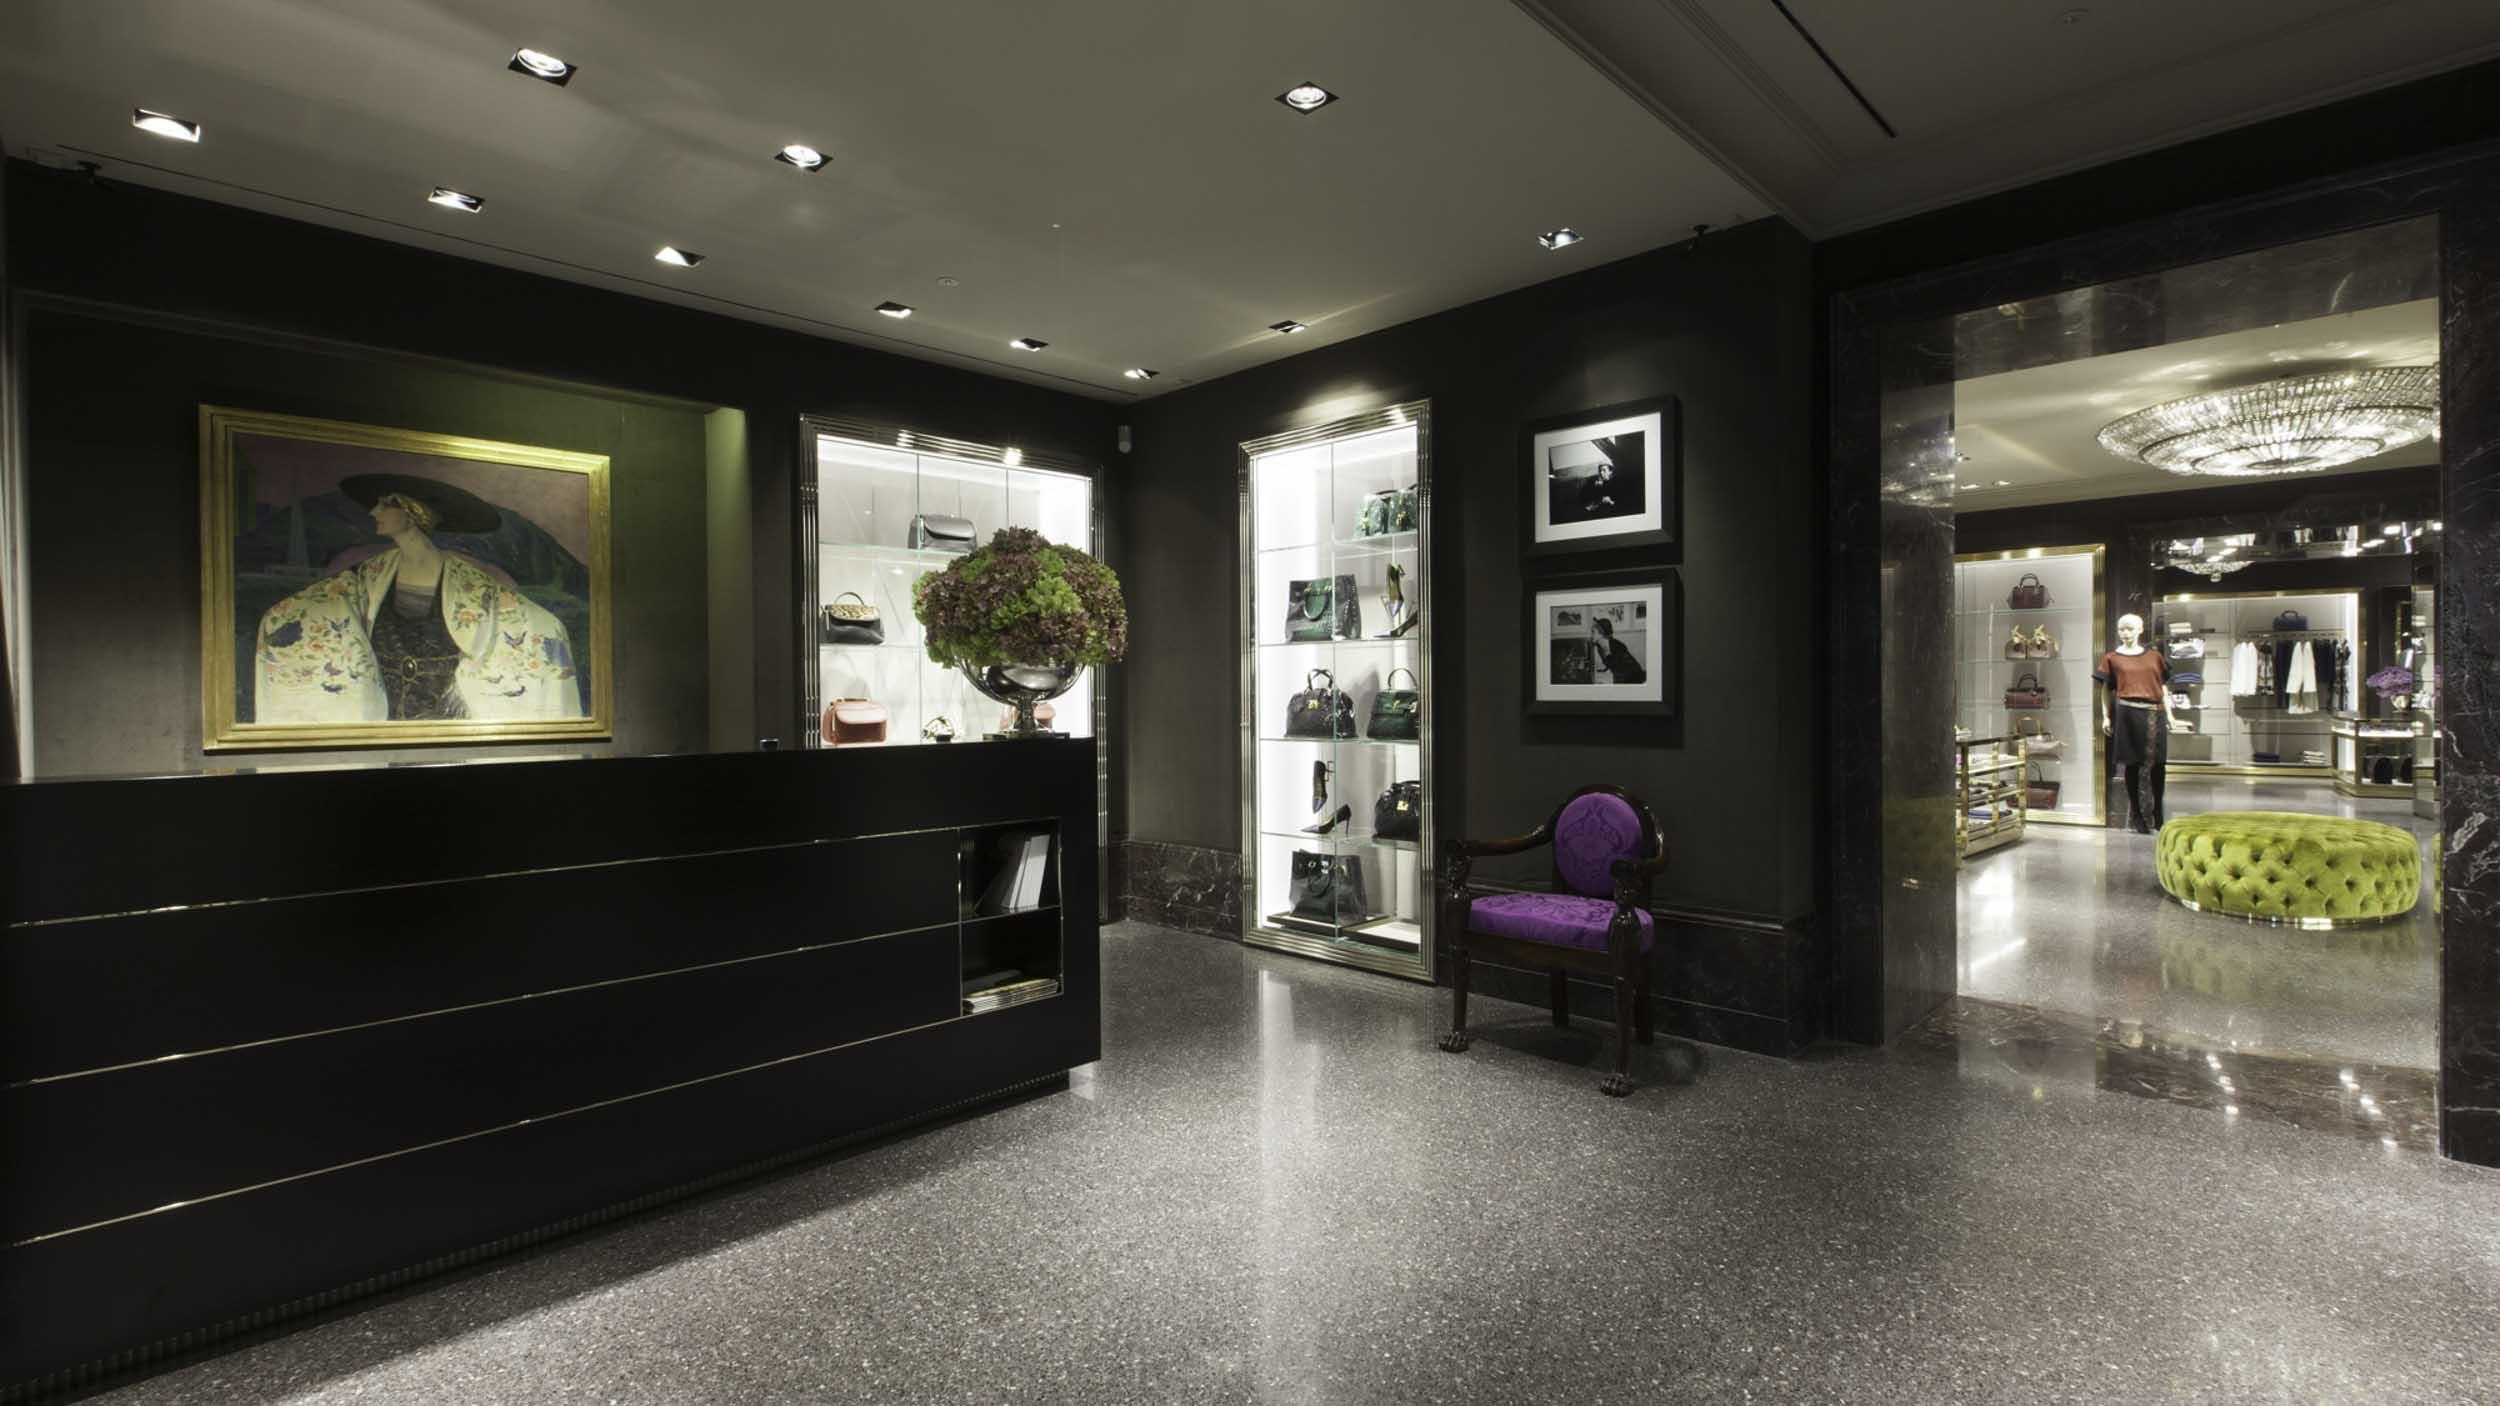 Architettura Interni #387  msyte.com Idee e foto di ispirazione per la tua idea Ispirazione Di ...